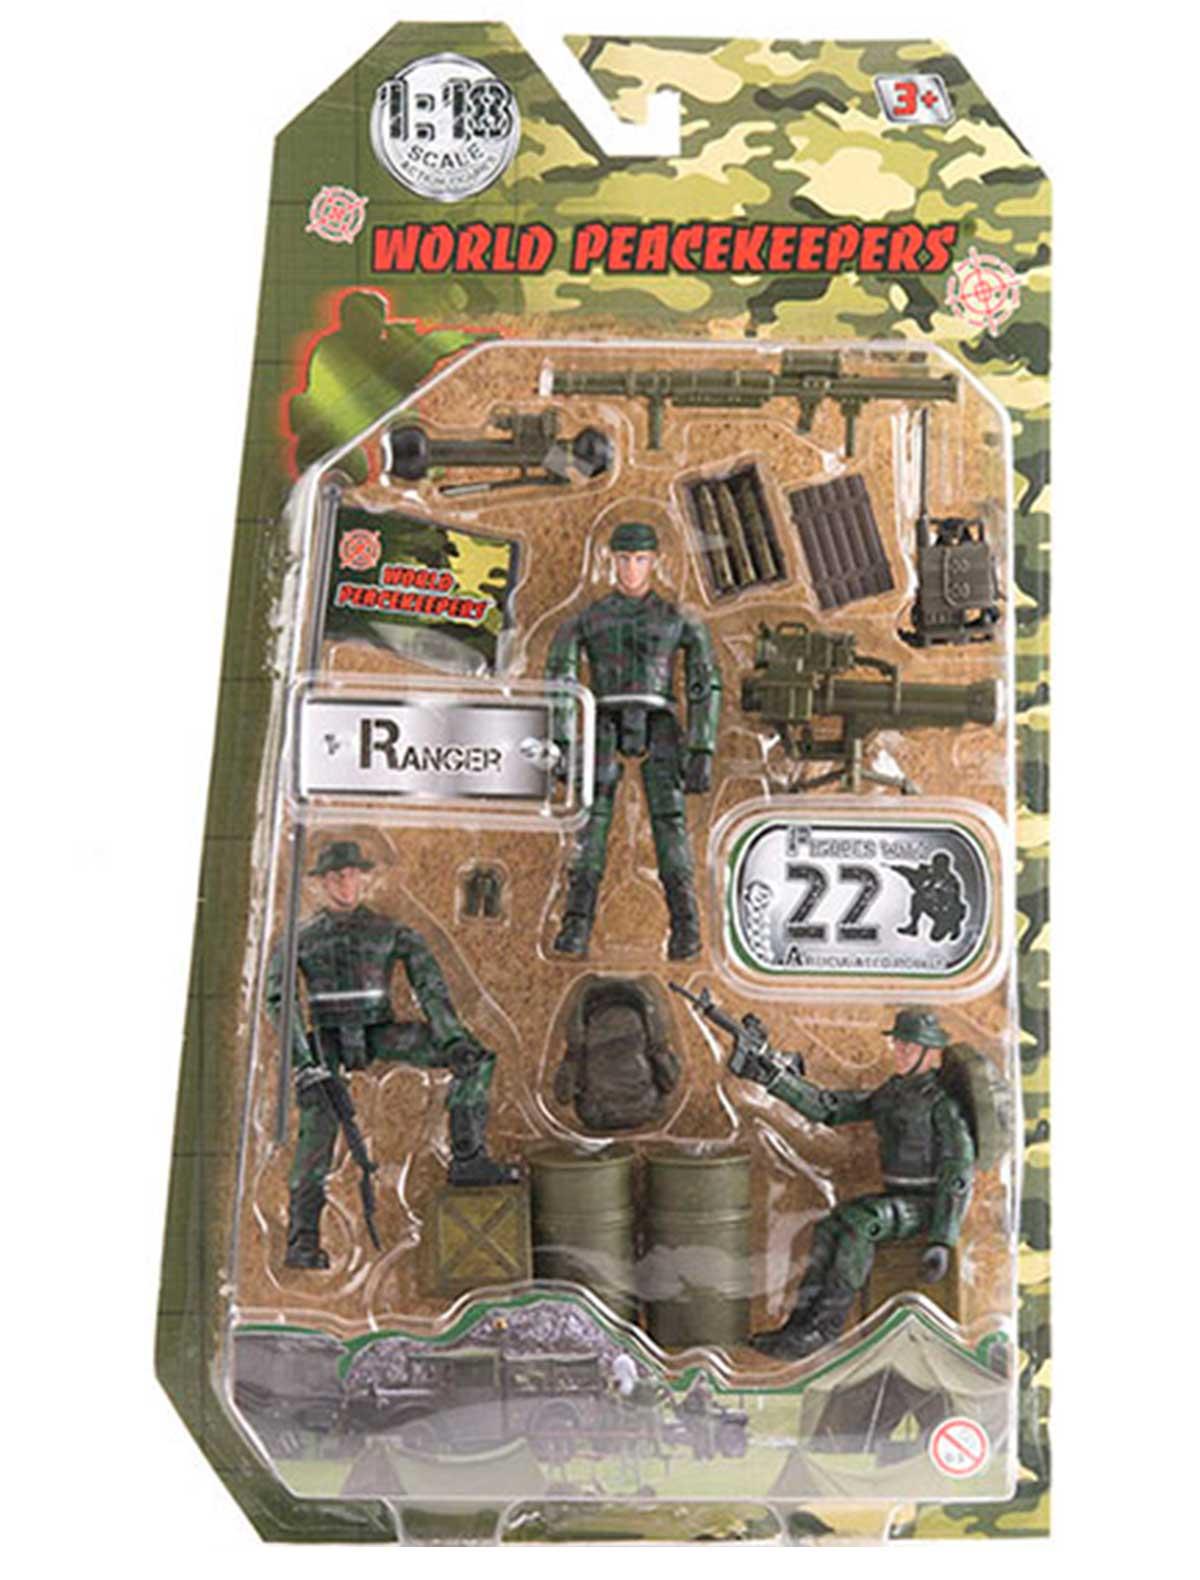 2267859, Игрушка World Peacekeepers, разноцветный, 7134529083008  - купить со скидкой